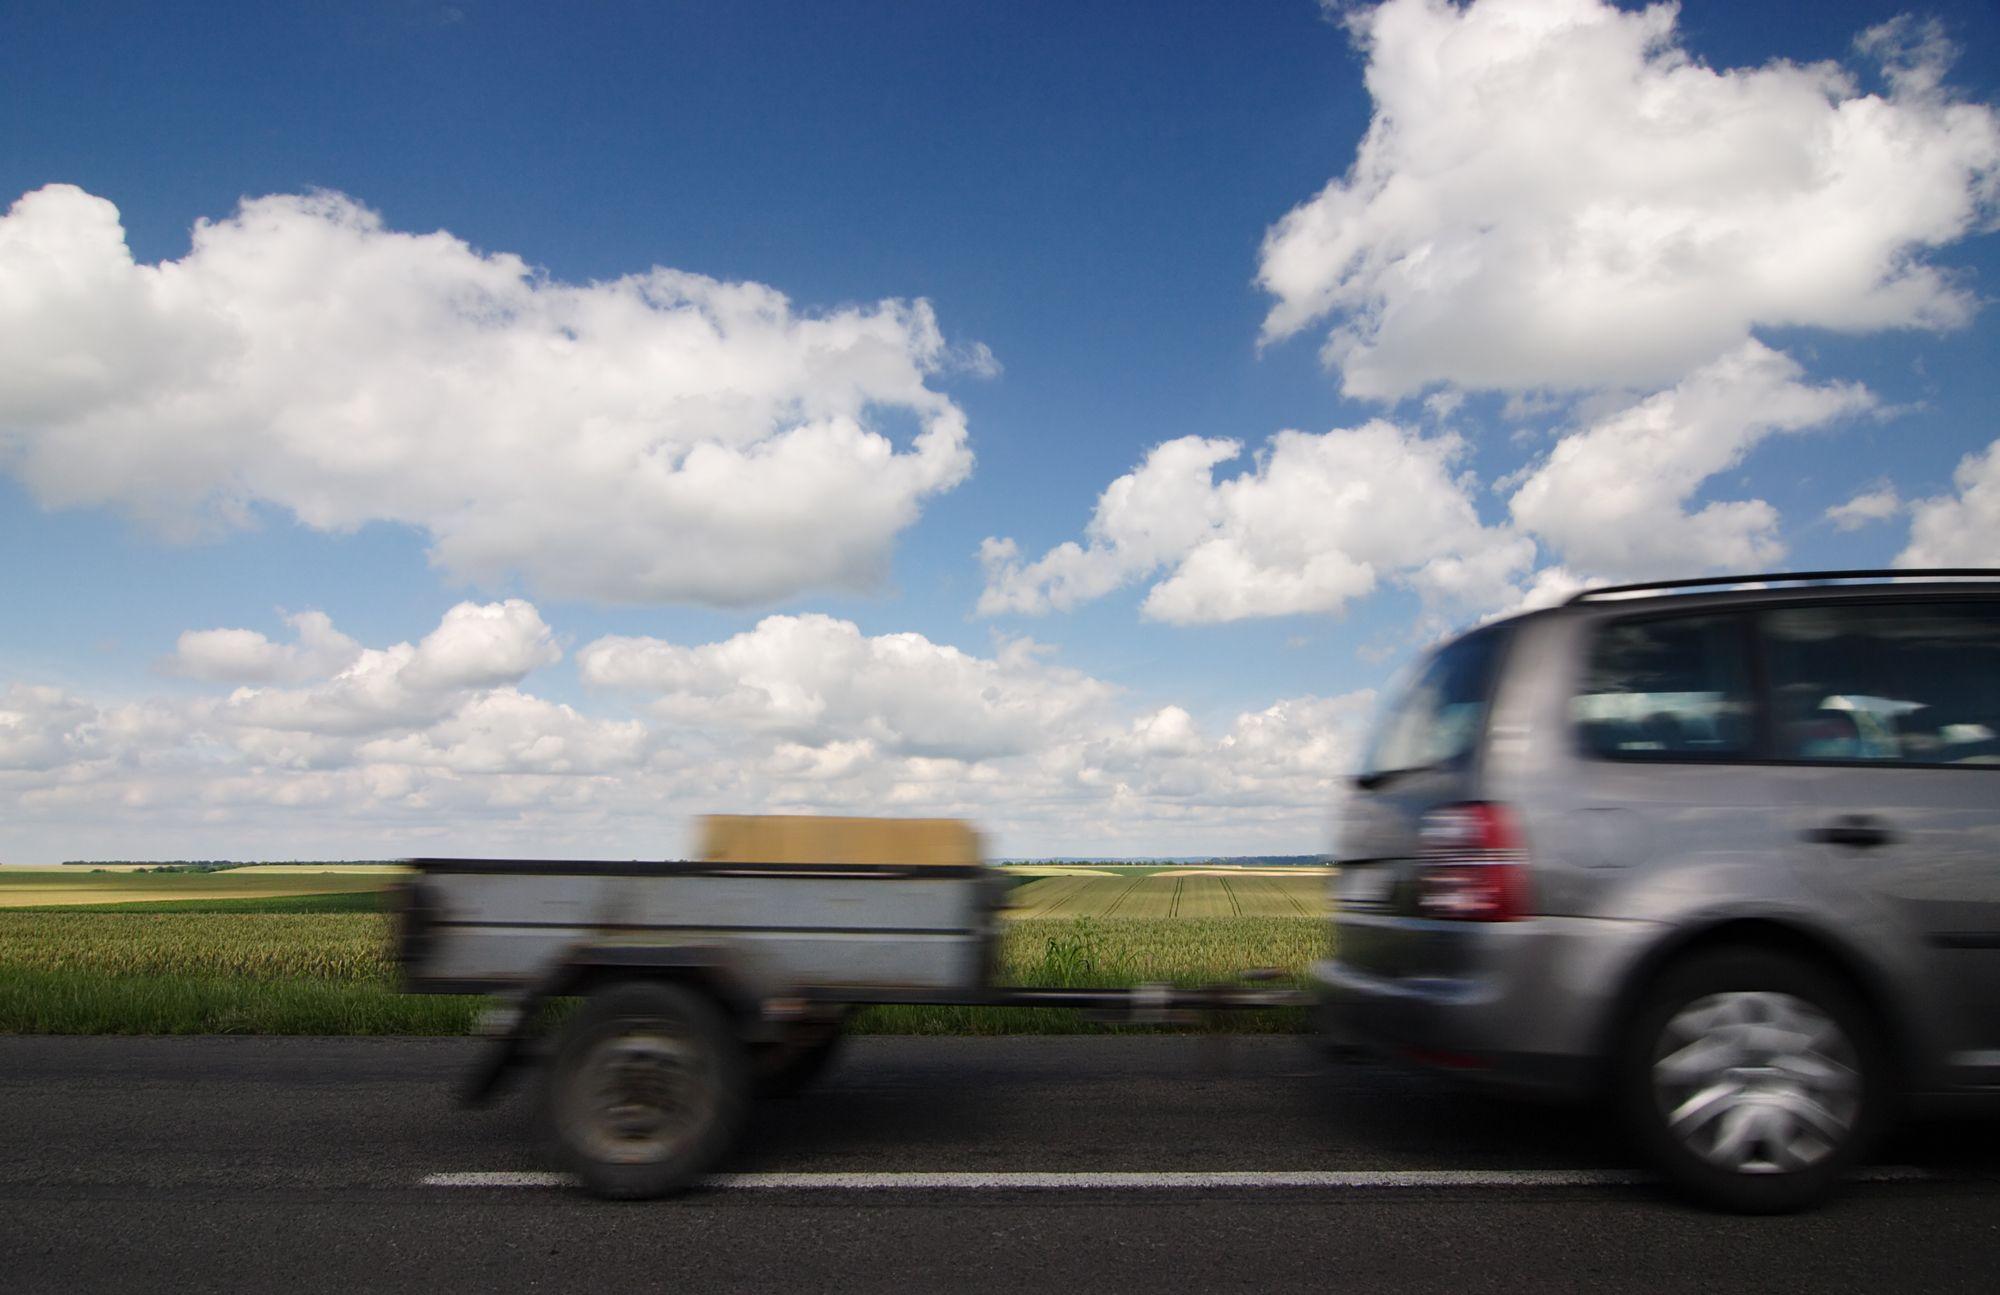 השכרת רכב מסחרי לכל מטרה ובכל תקציב! (With images